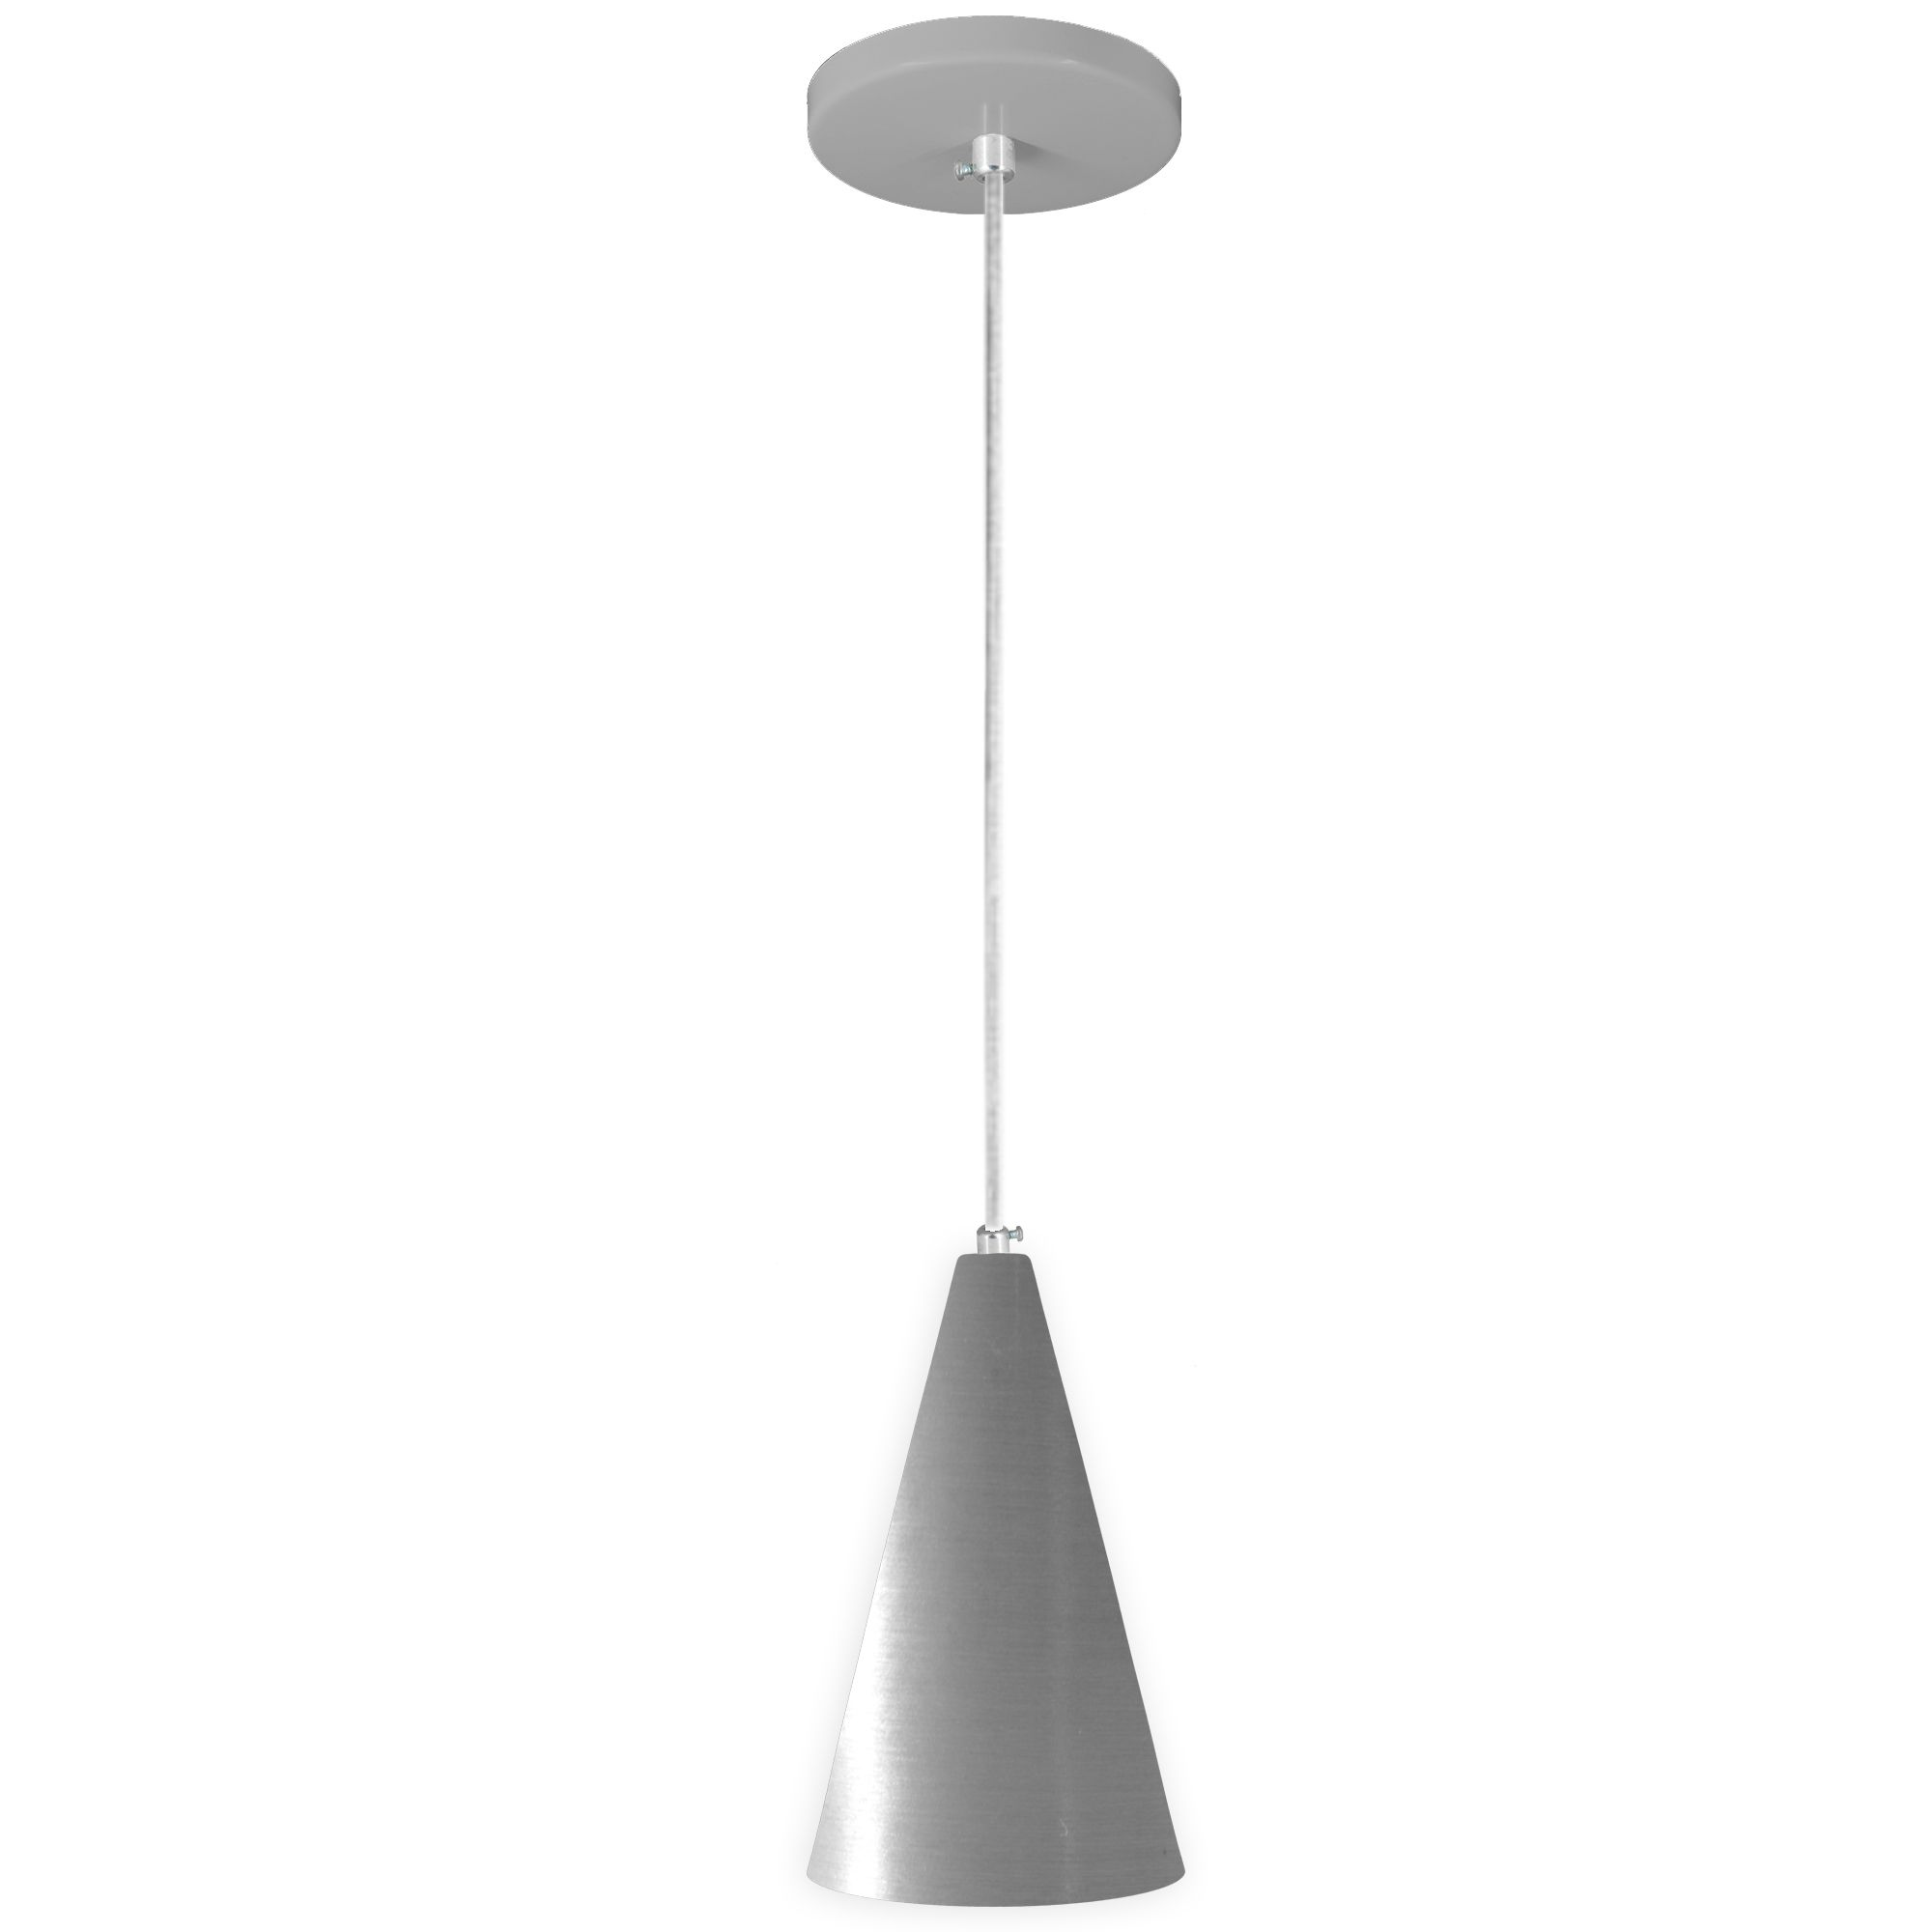 pendente Sciaza  alumínio cone prata  - Multiplus Store